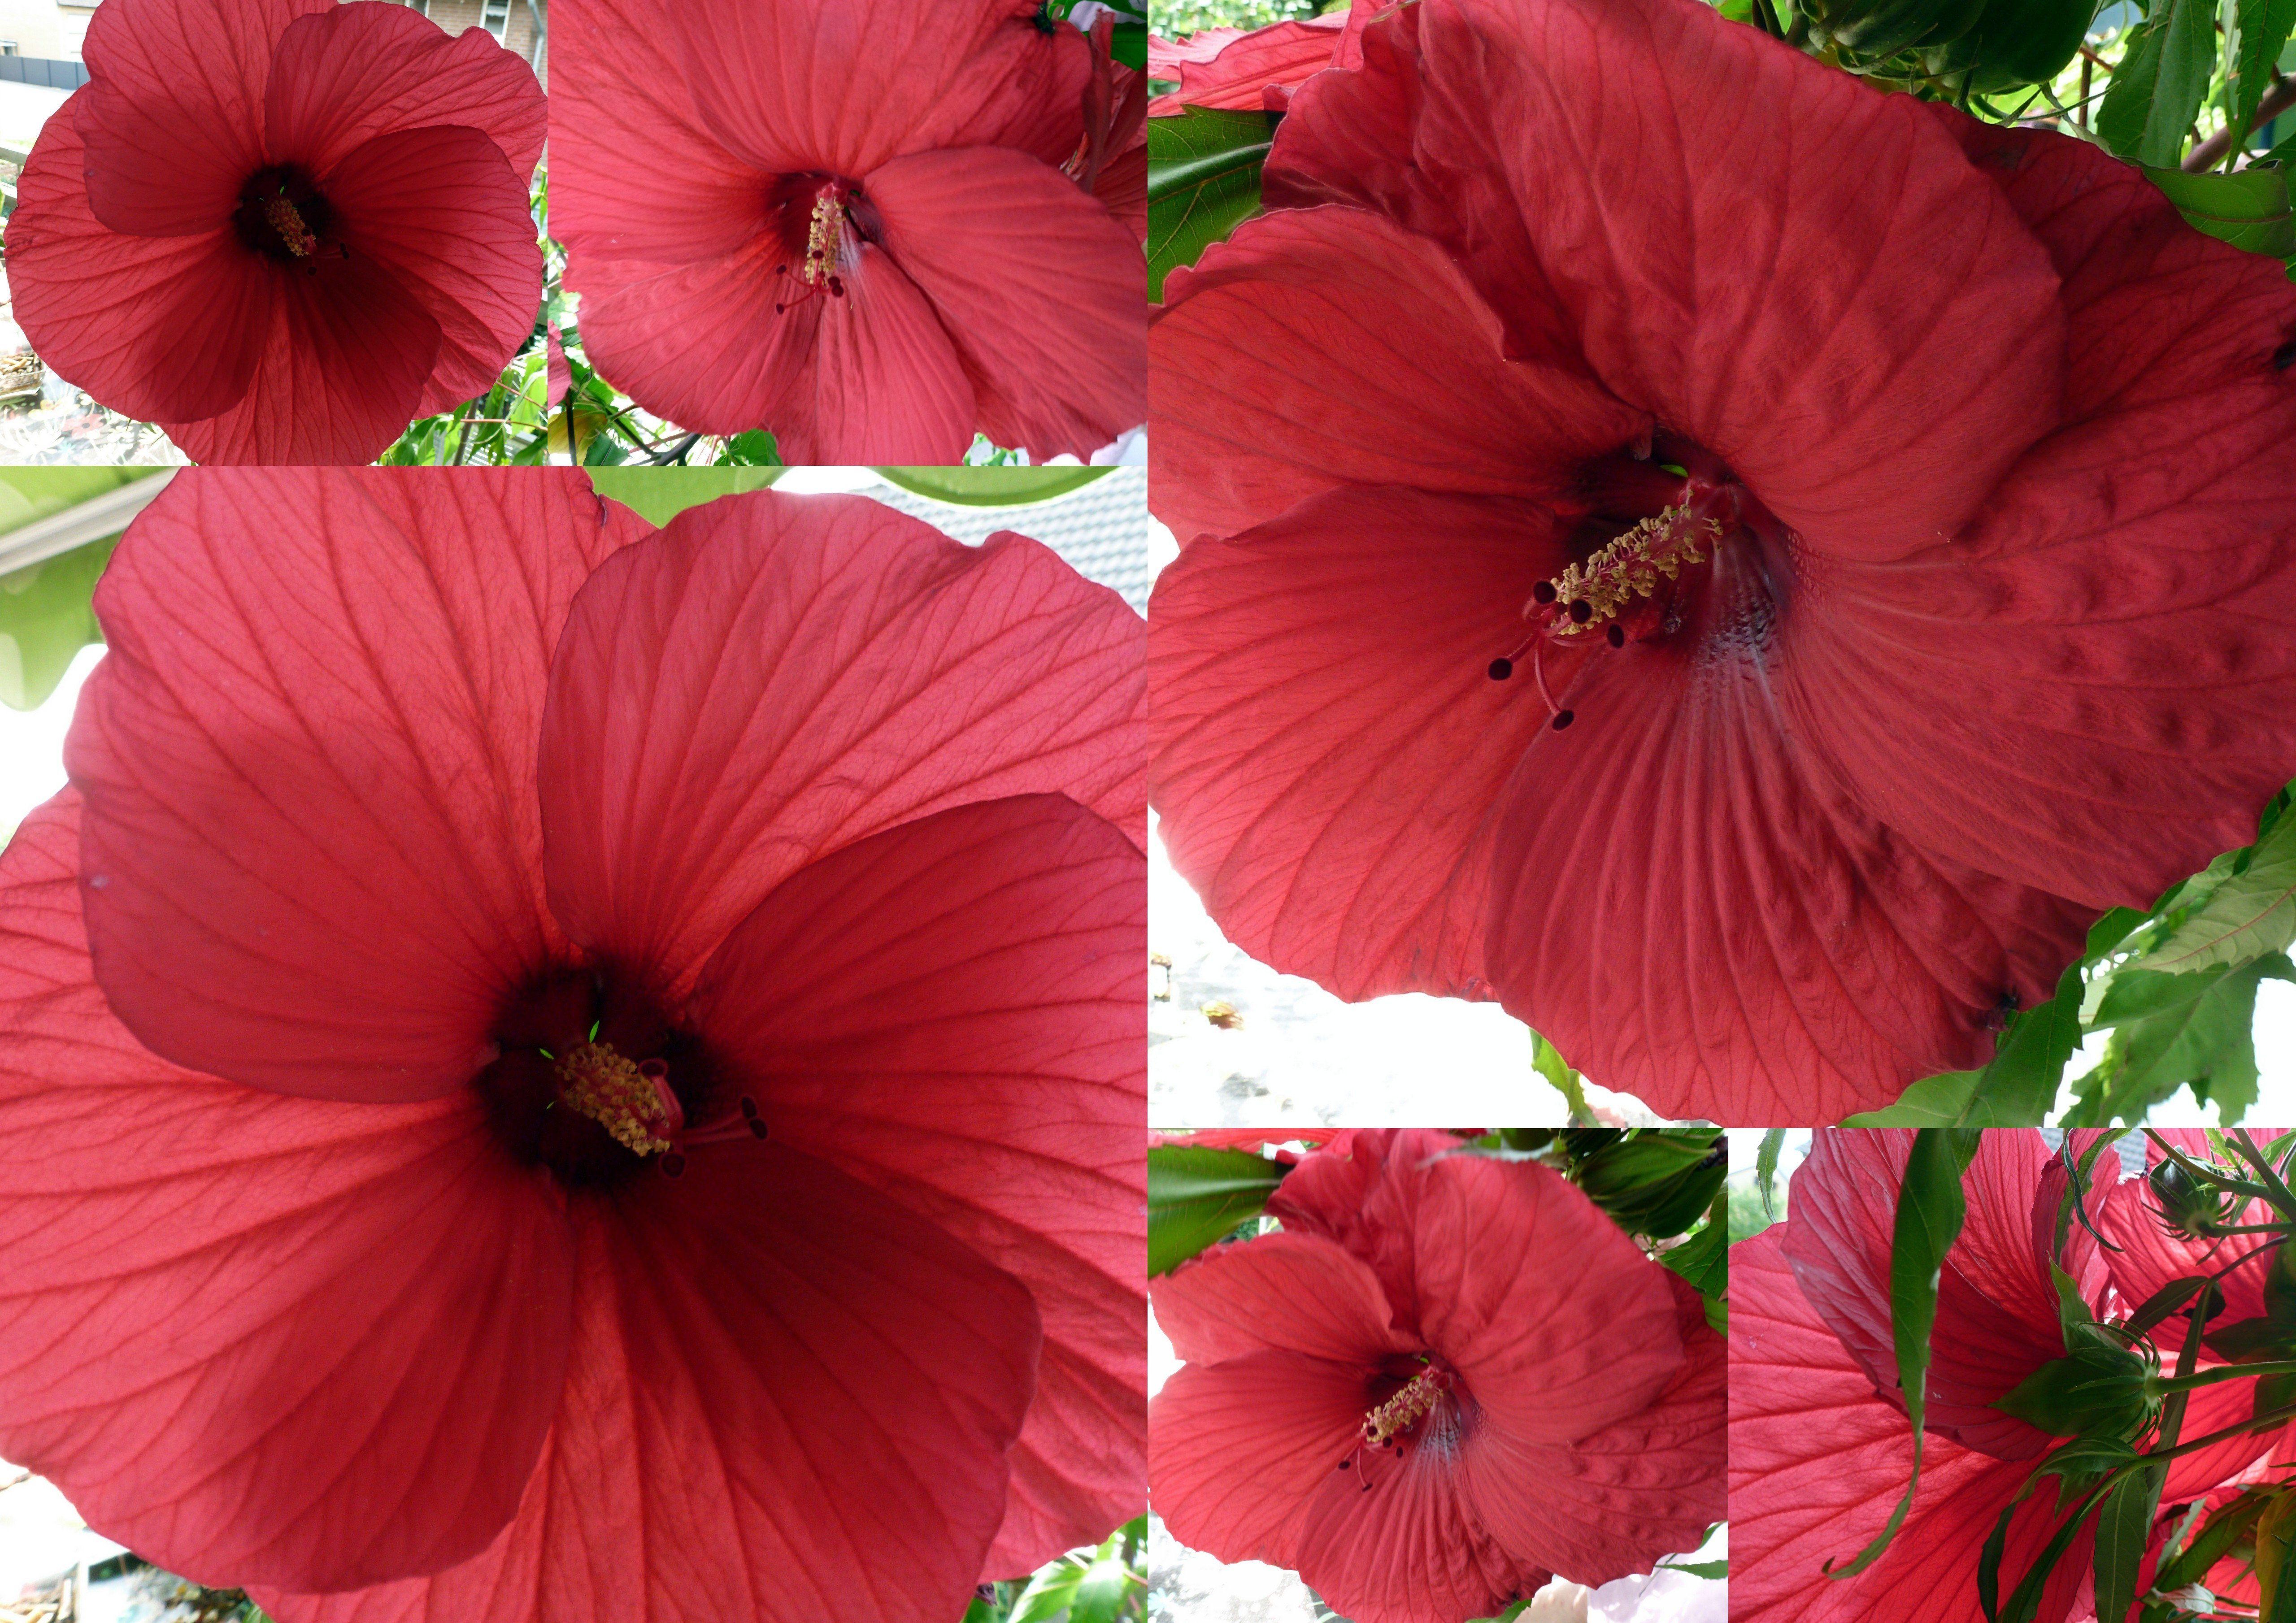 Hibiskus Grosse Rote Blüten Riesenhibiskus Staudenhibiskus